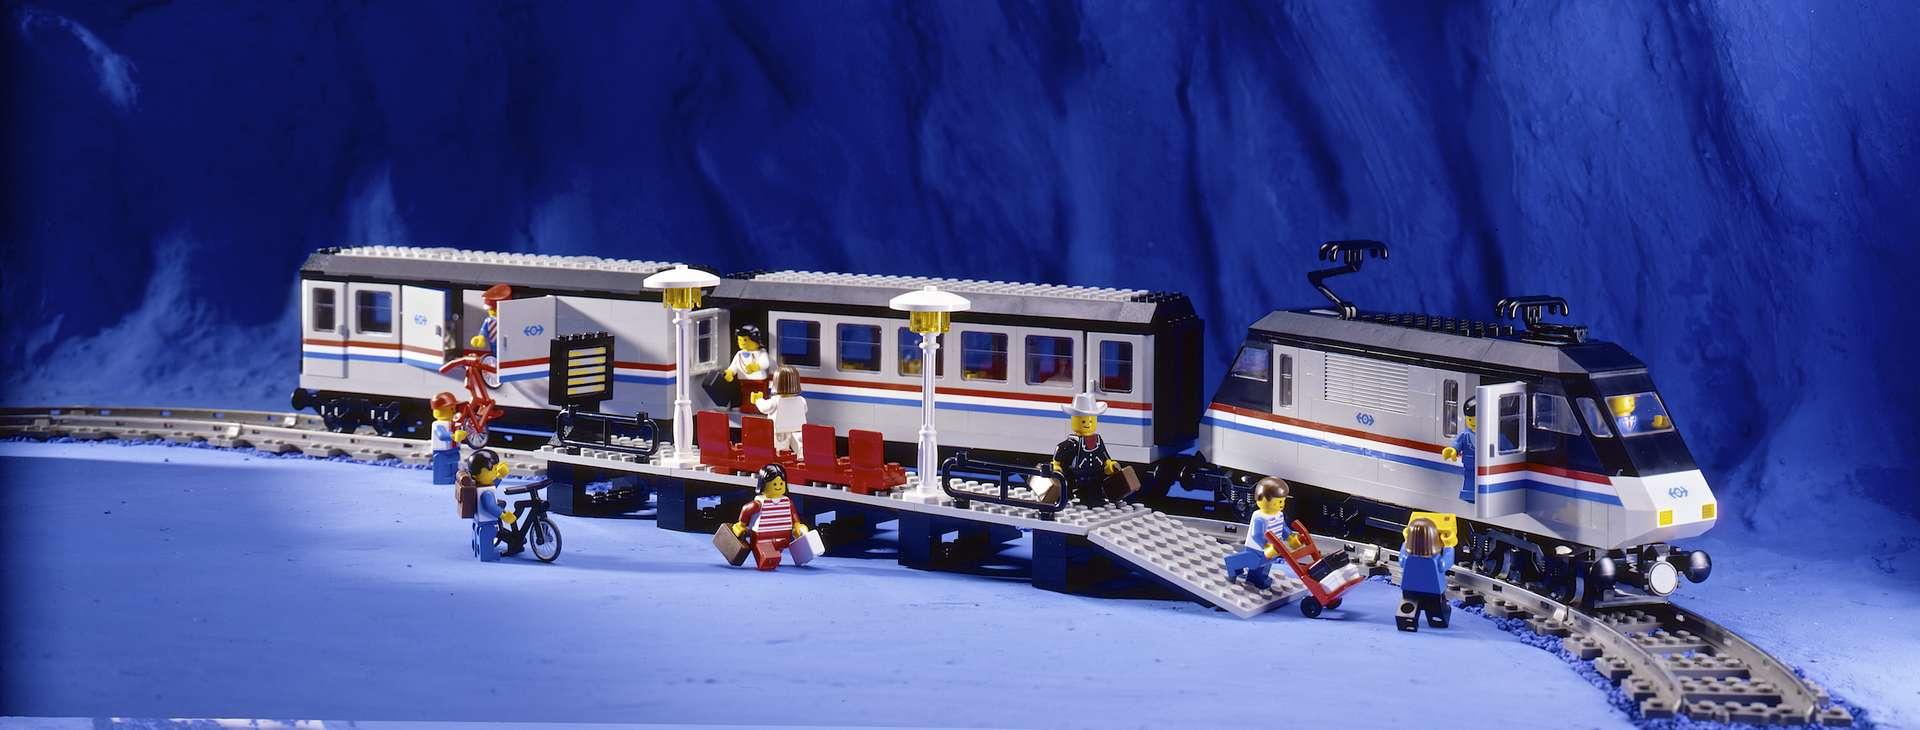 LEGO_anni'90_04558_19_risultato